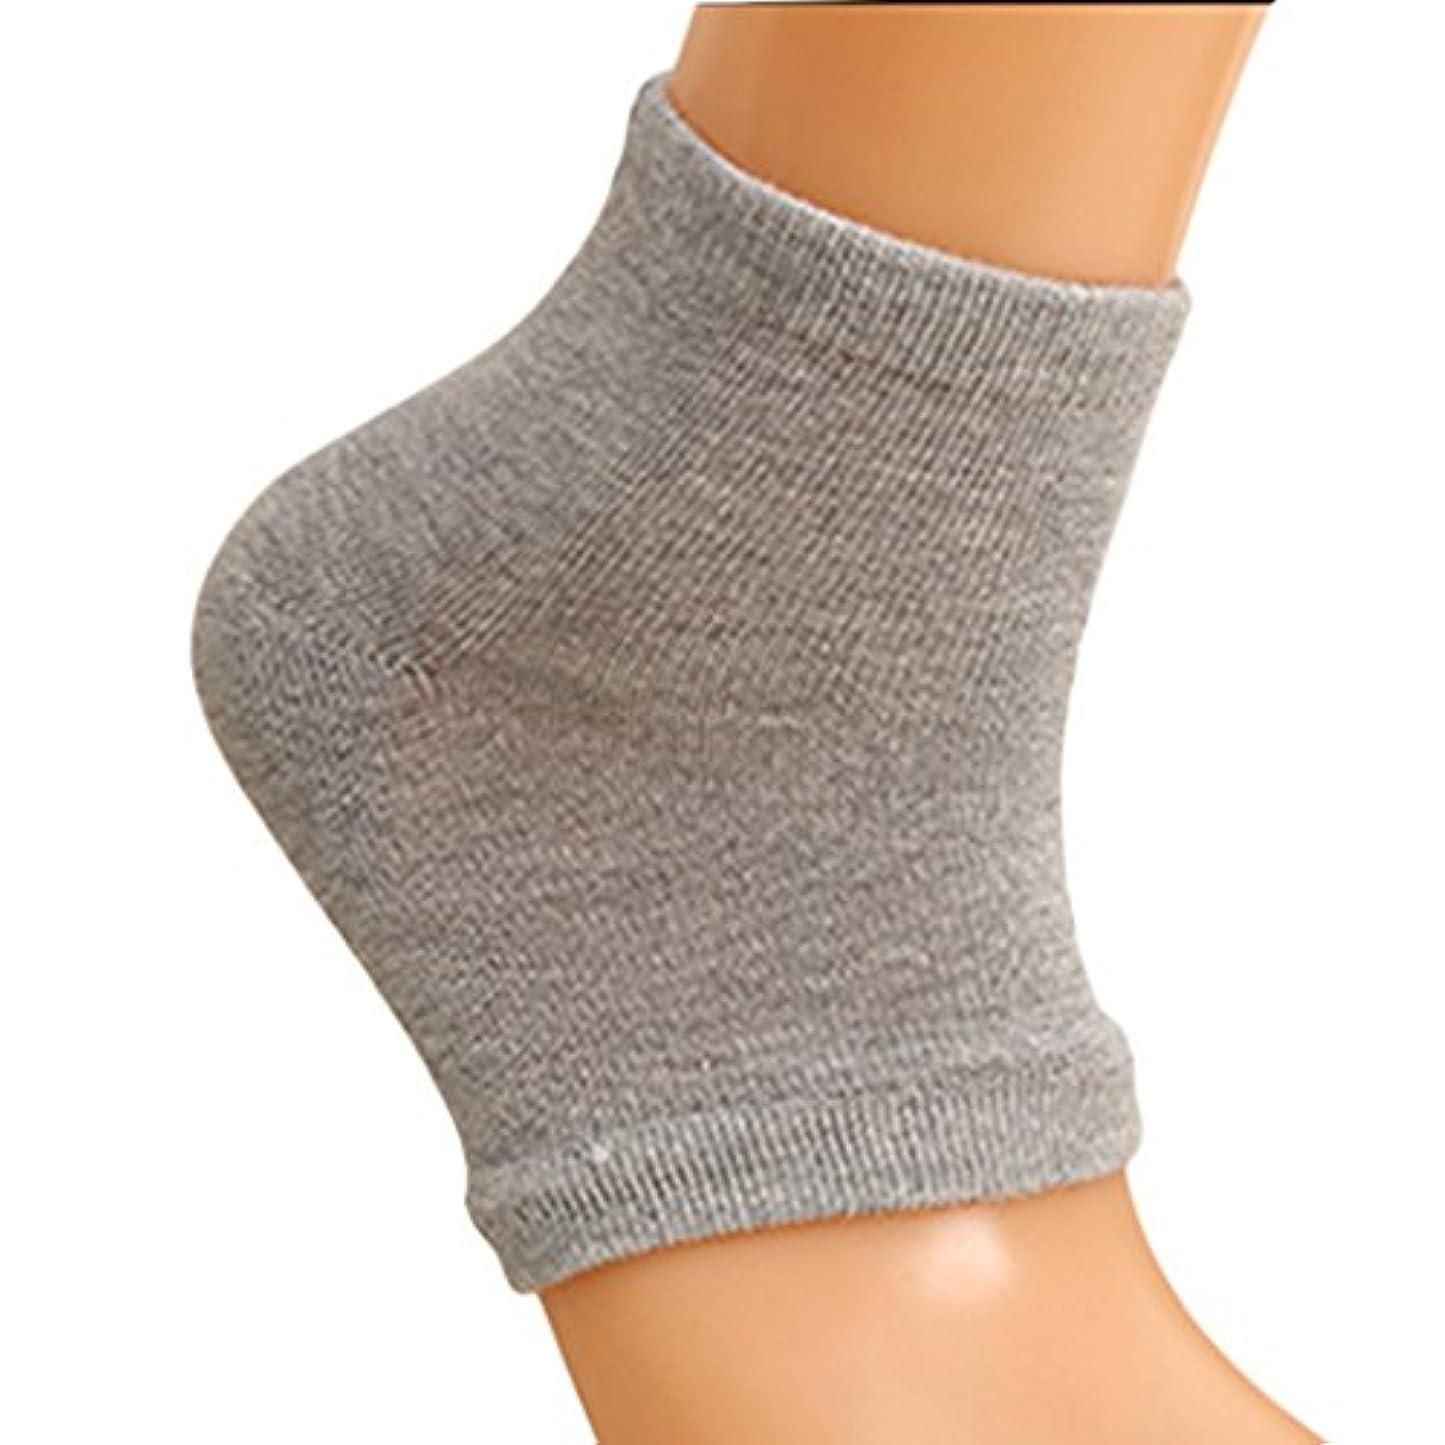 名前十年文芸Seliyi 2色組 靴下 ソックス レディース メンズ 靴下 つるつる 靴下 フットケア かかとケア ひび 角質ケア 保湿 角質除去(ピンク+グレー)